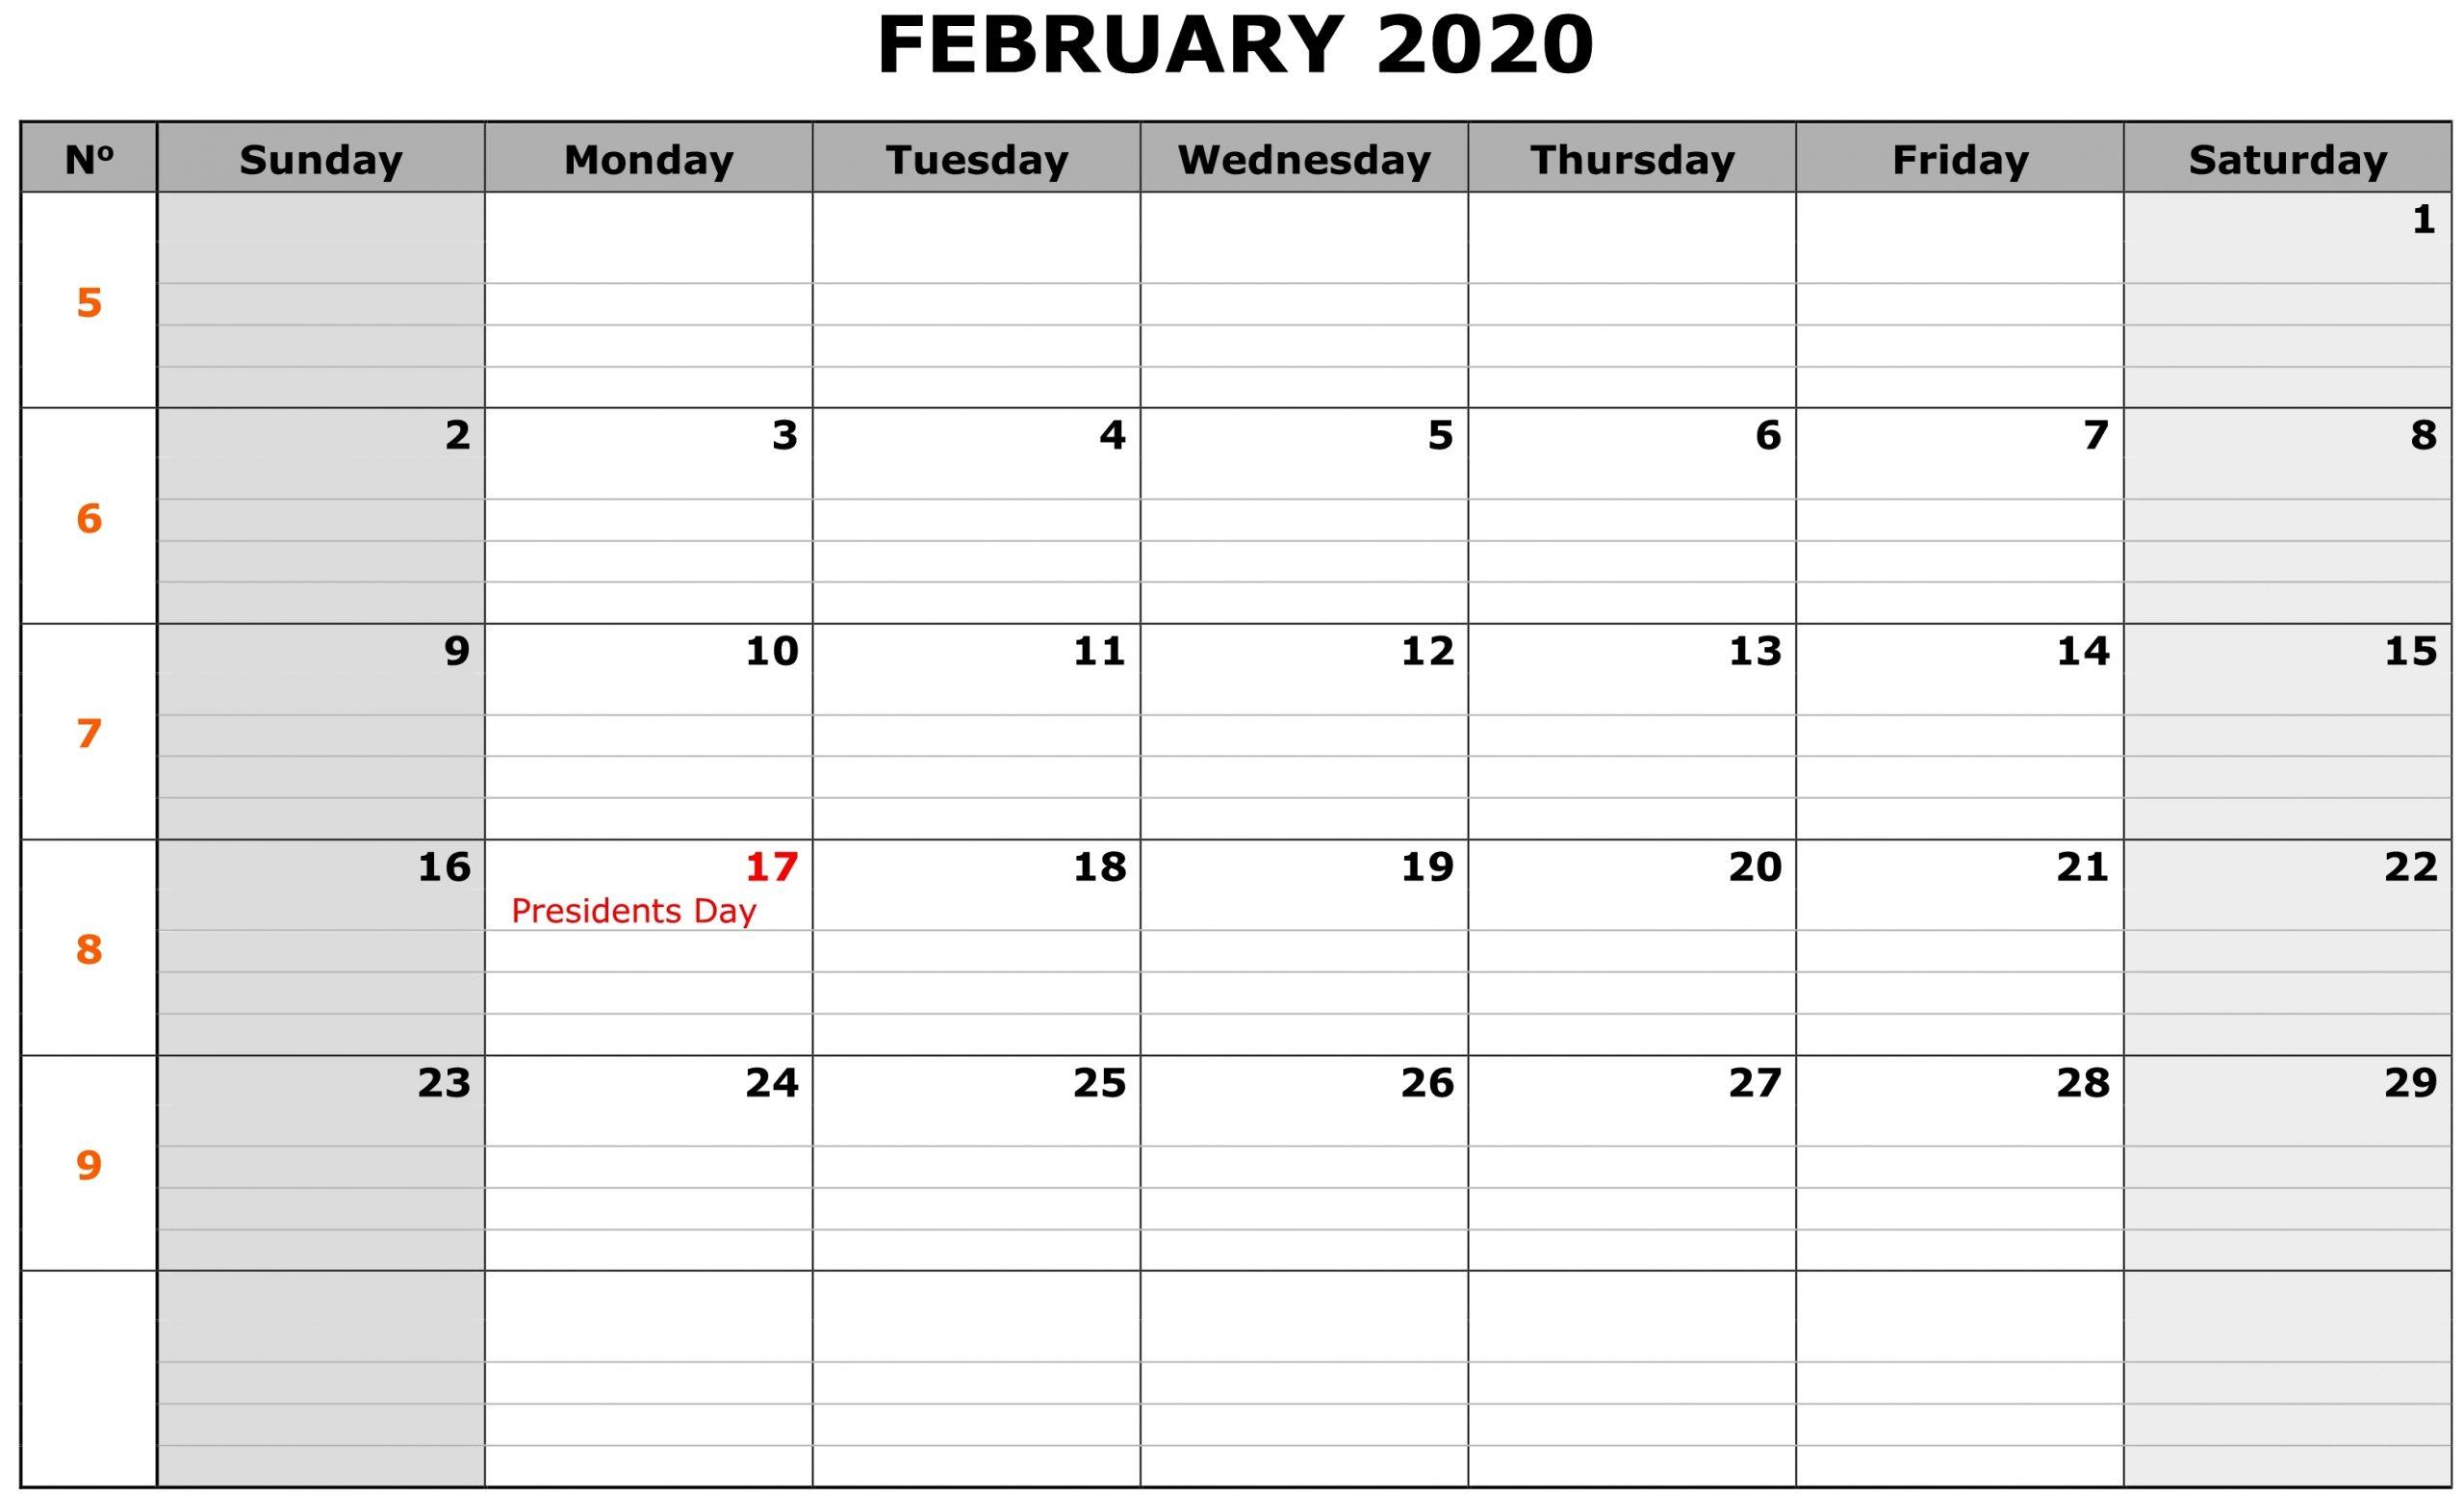 Blank 2020 Editable February Calendar